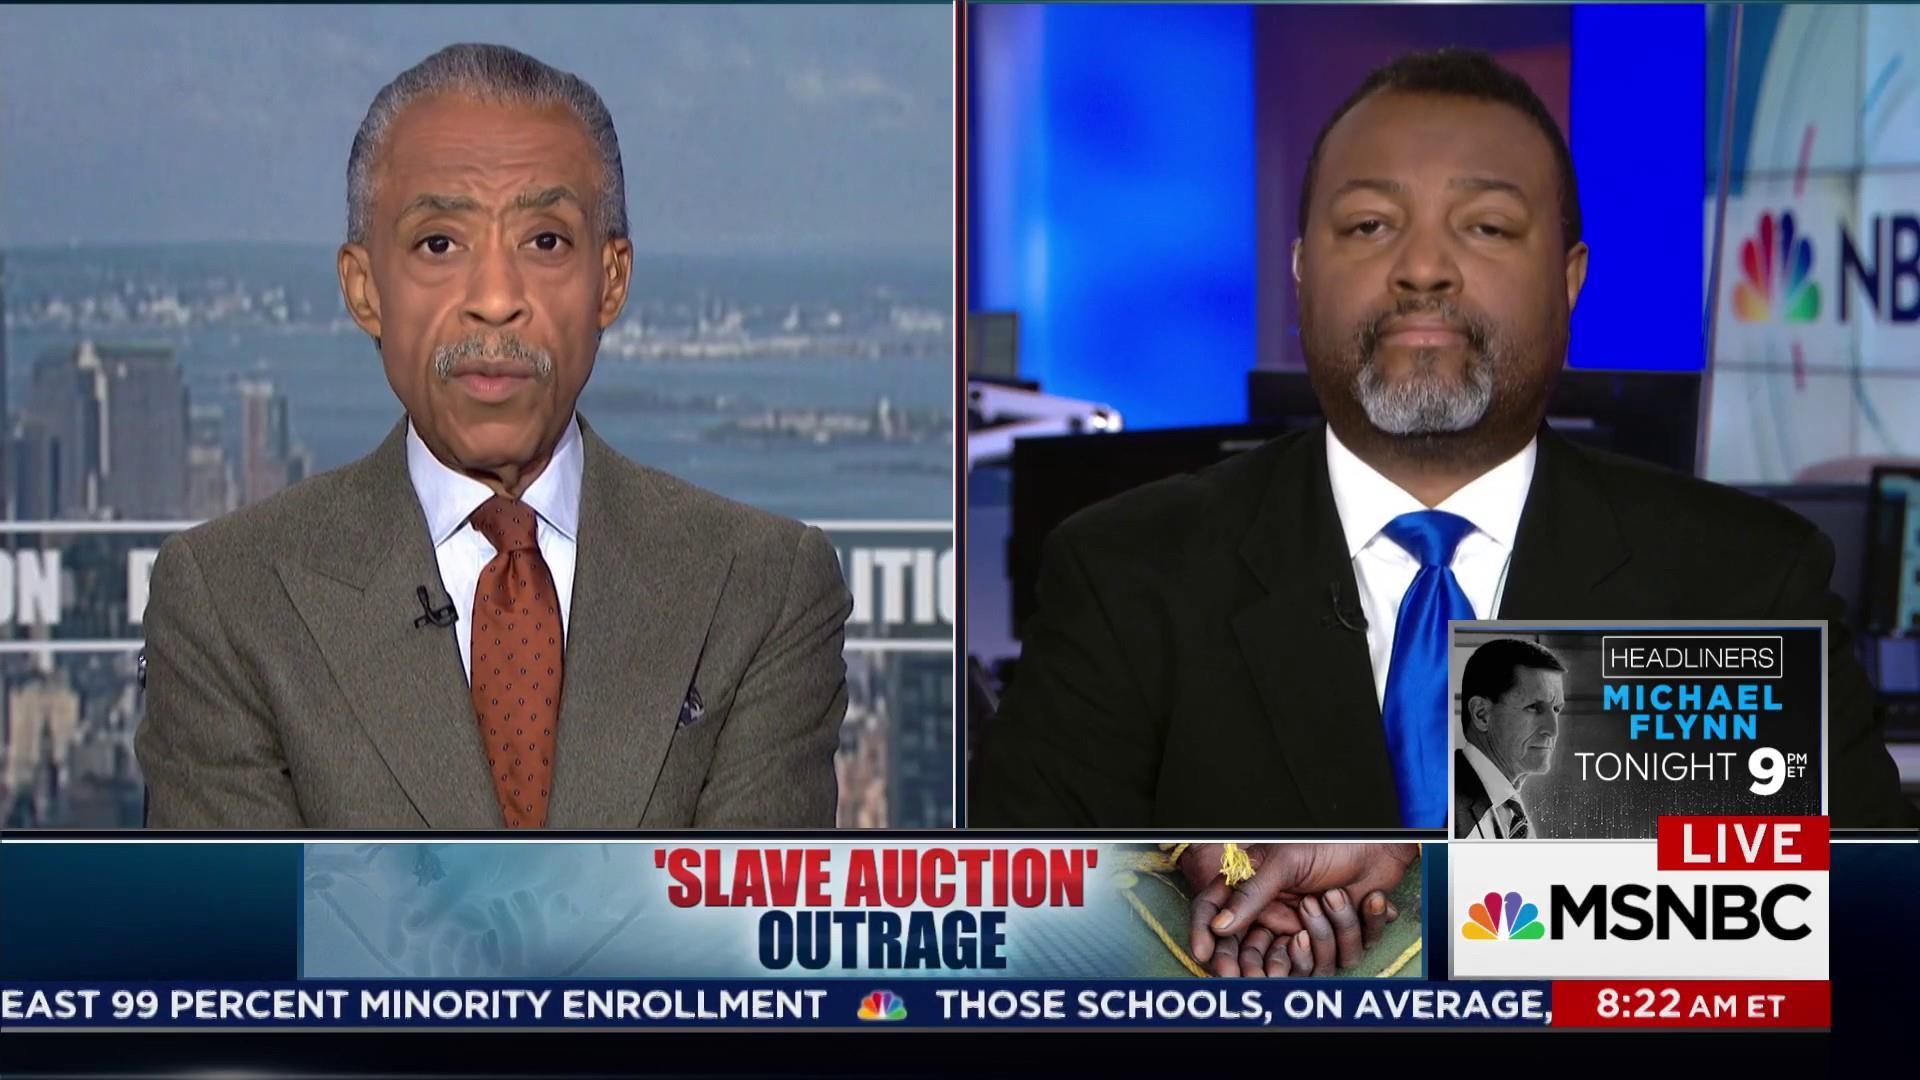 Slave Auction Outrage